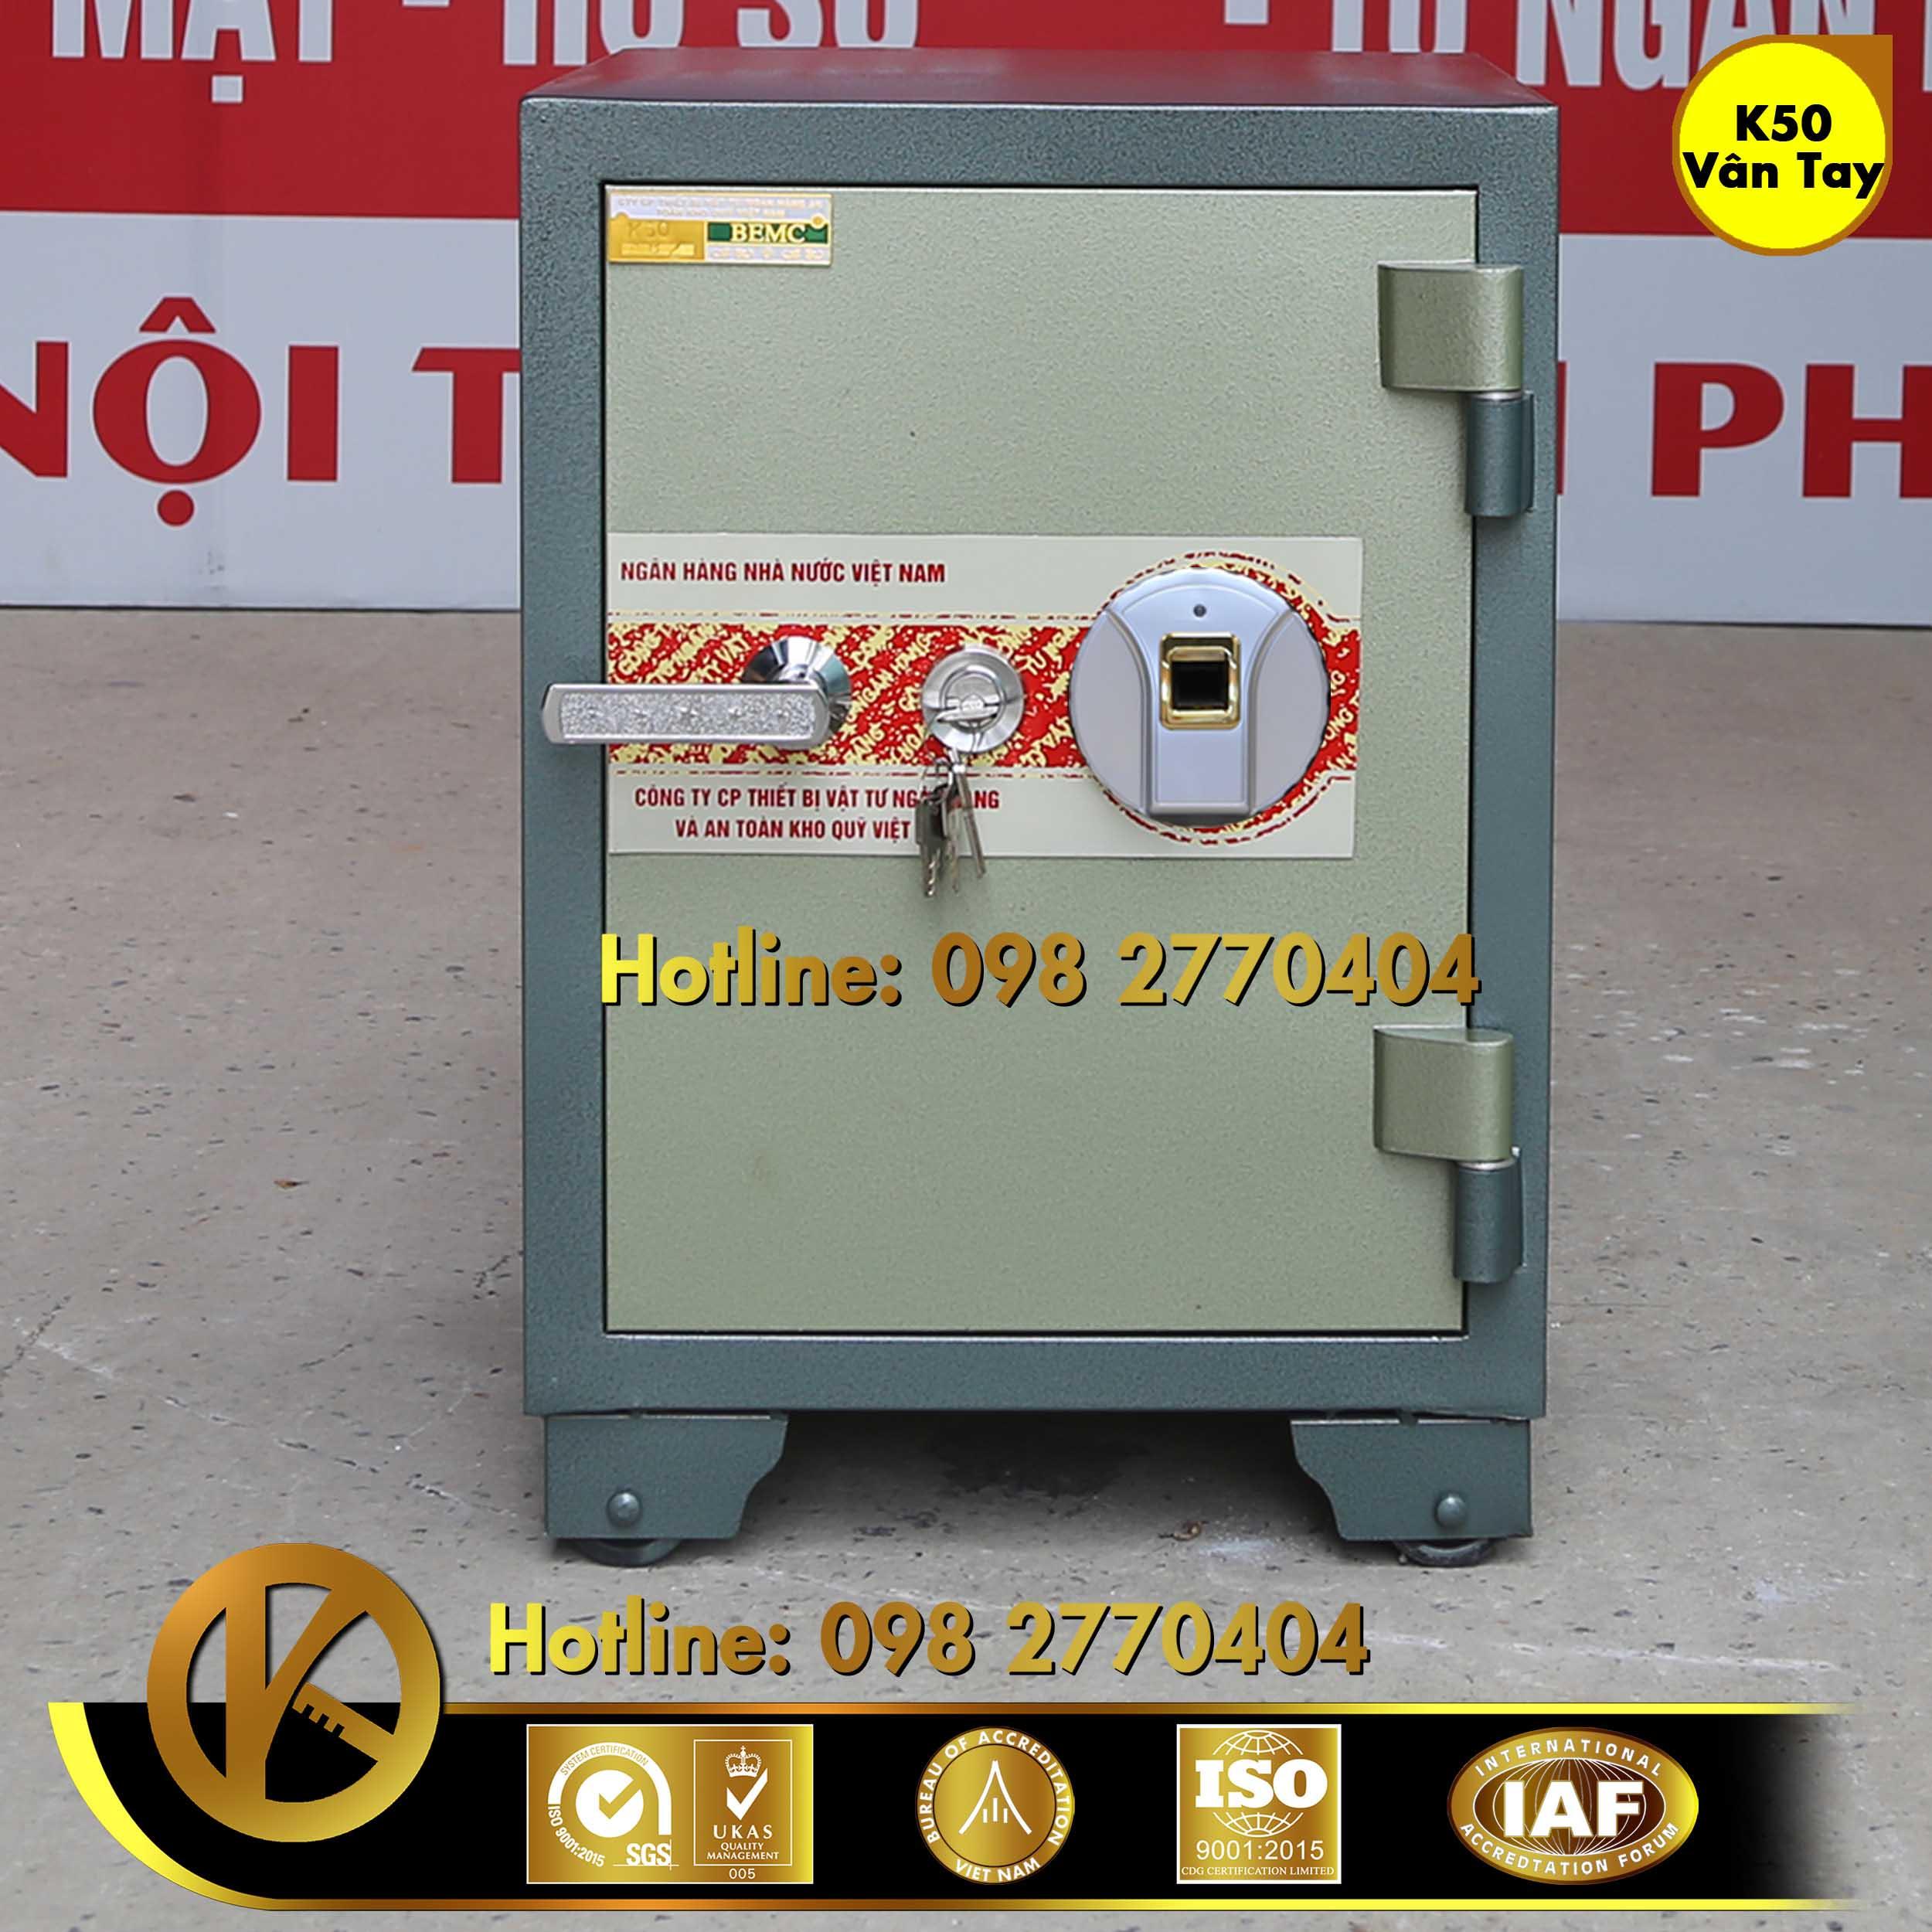 Đặc điểm nổi bật của két sắt dùng cho ngân hàng bemc điện tử